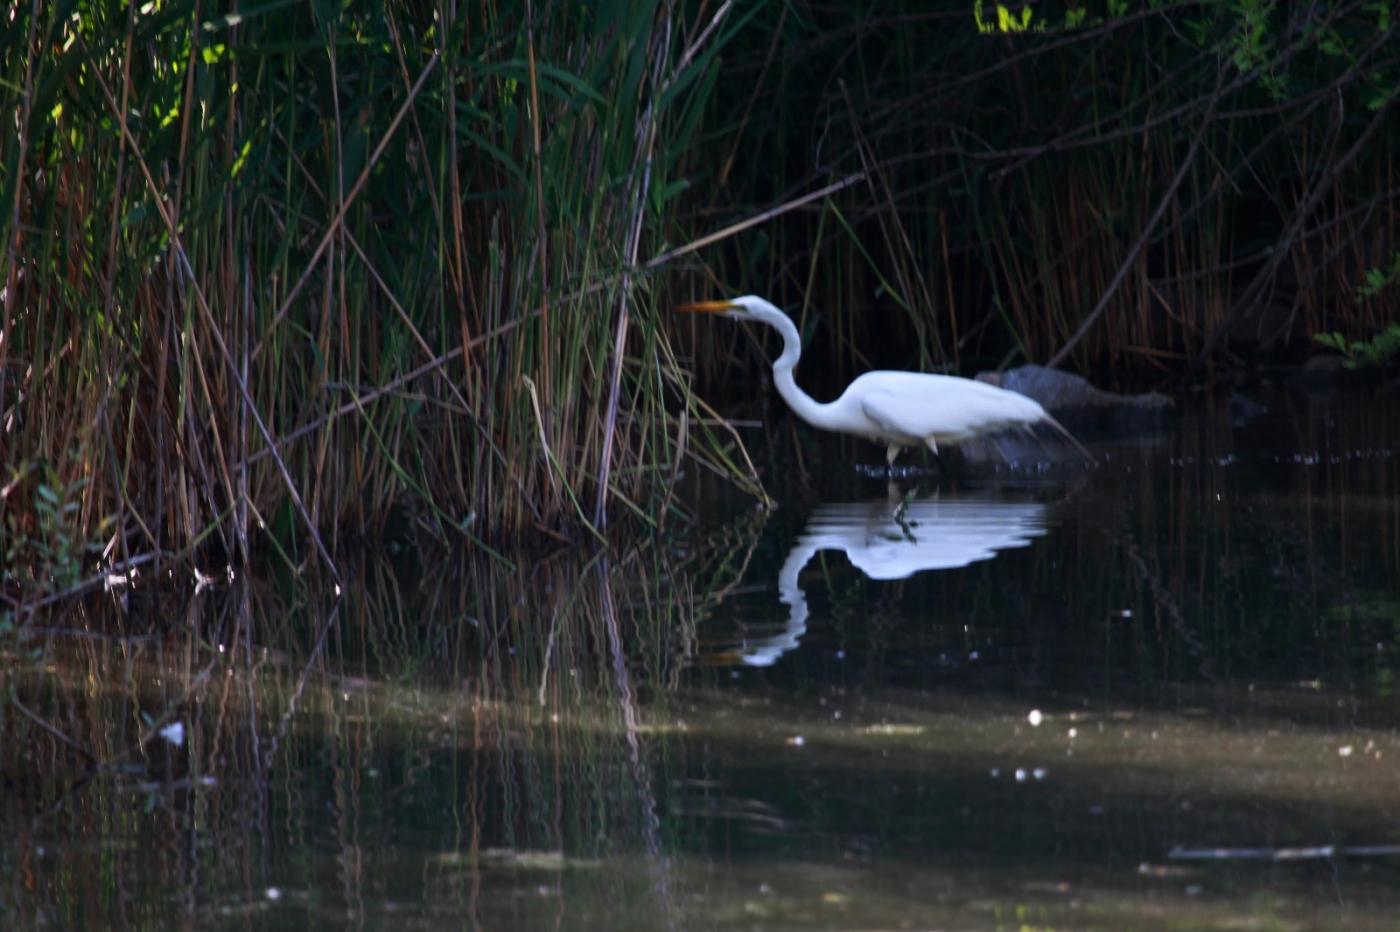 中央公园的白鹭,姿态优美,游客喜爱_图1-17